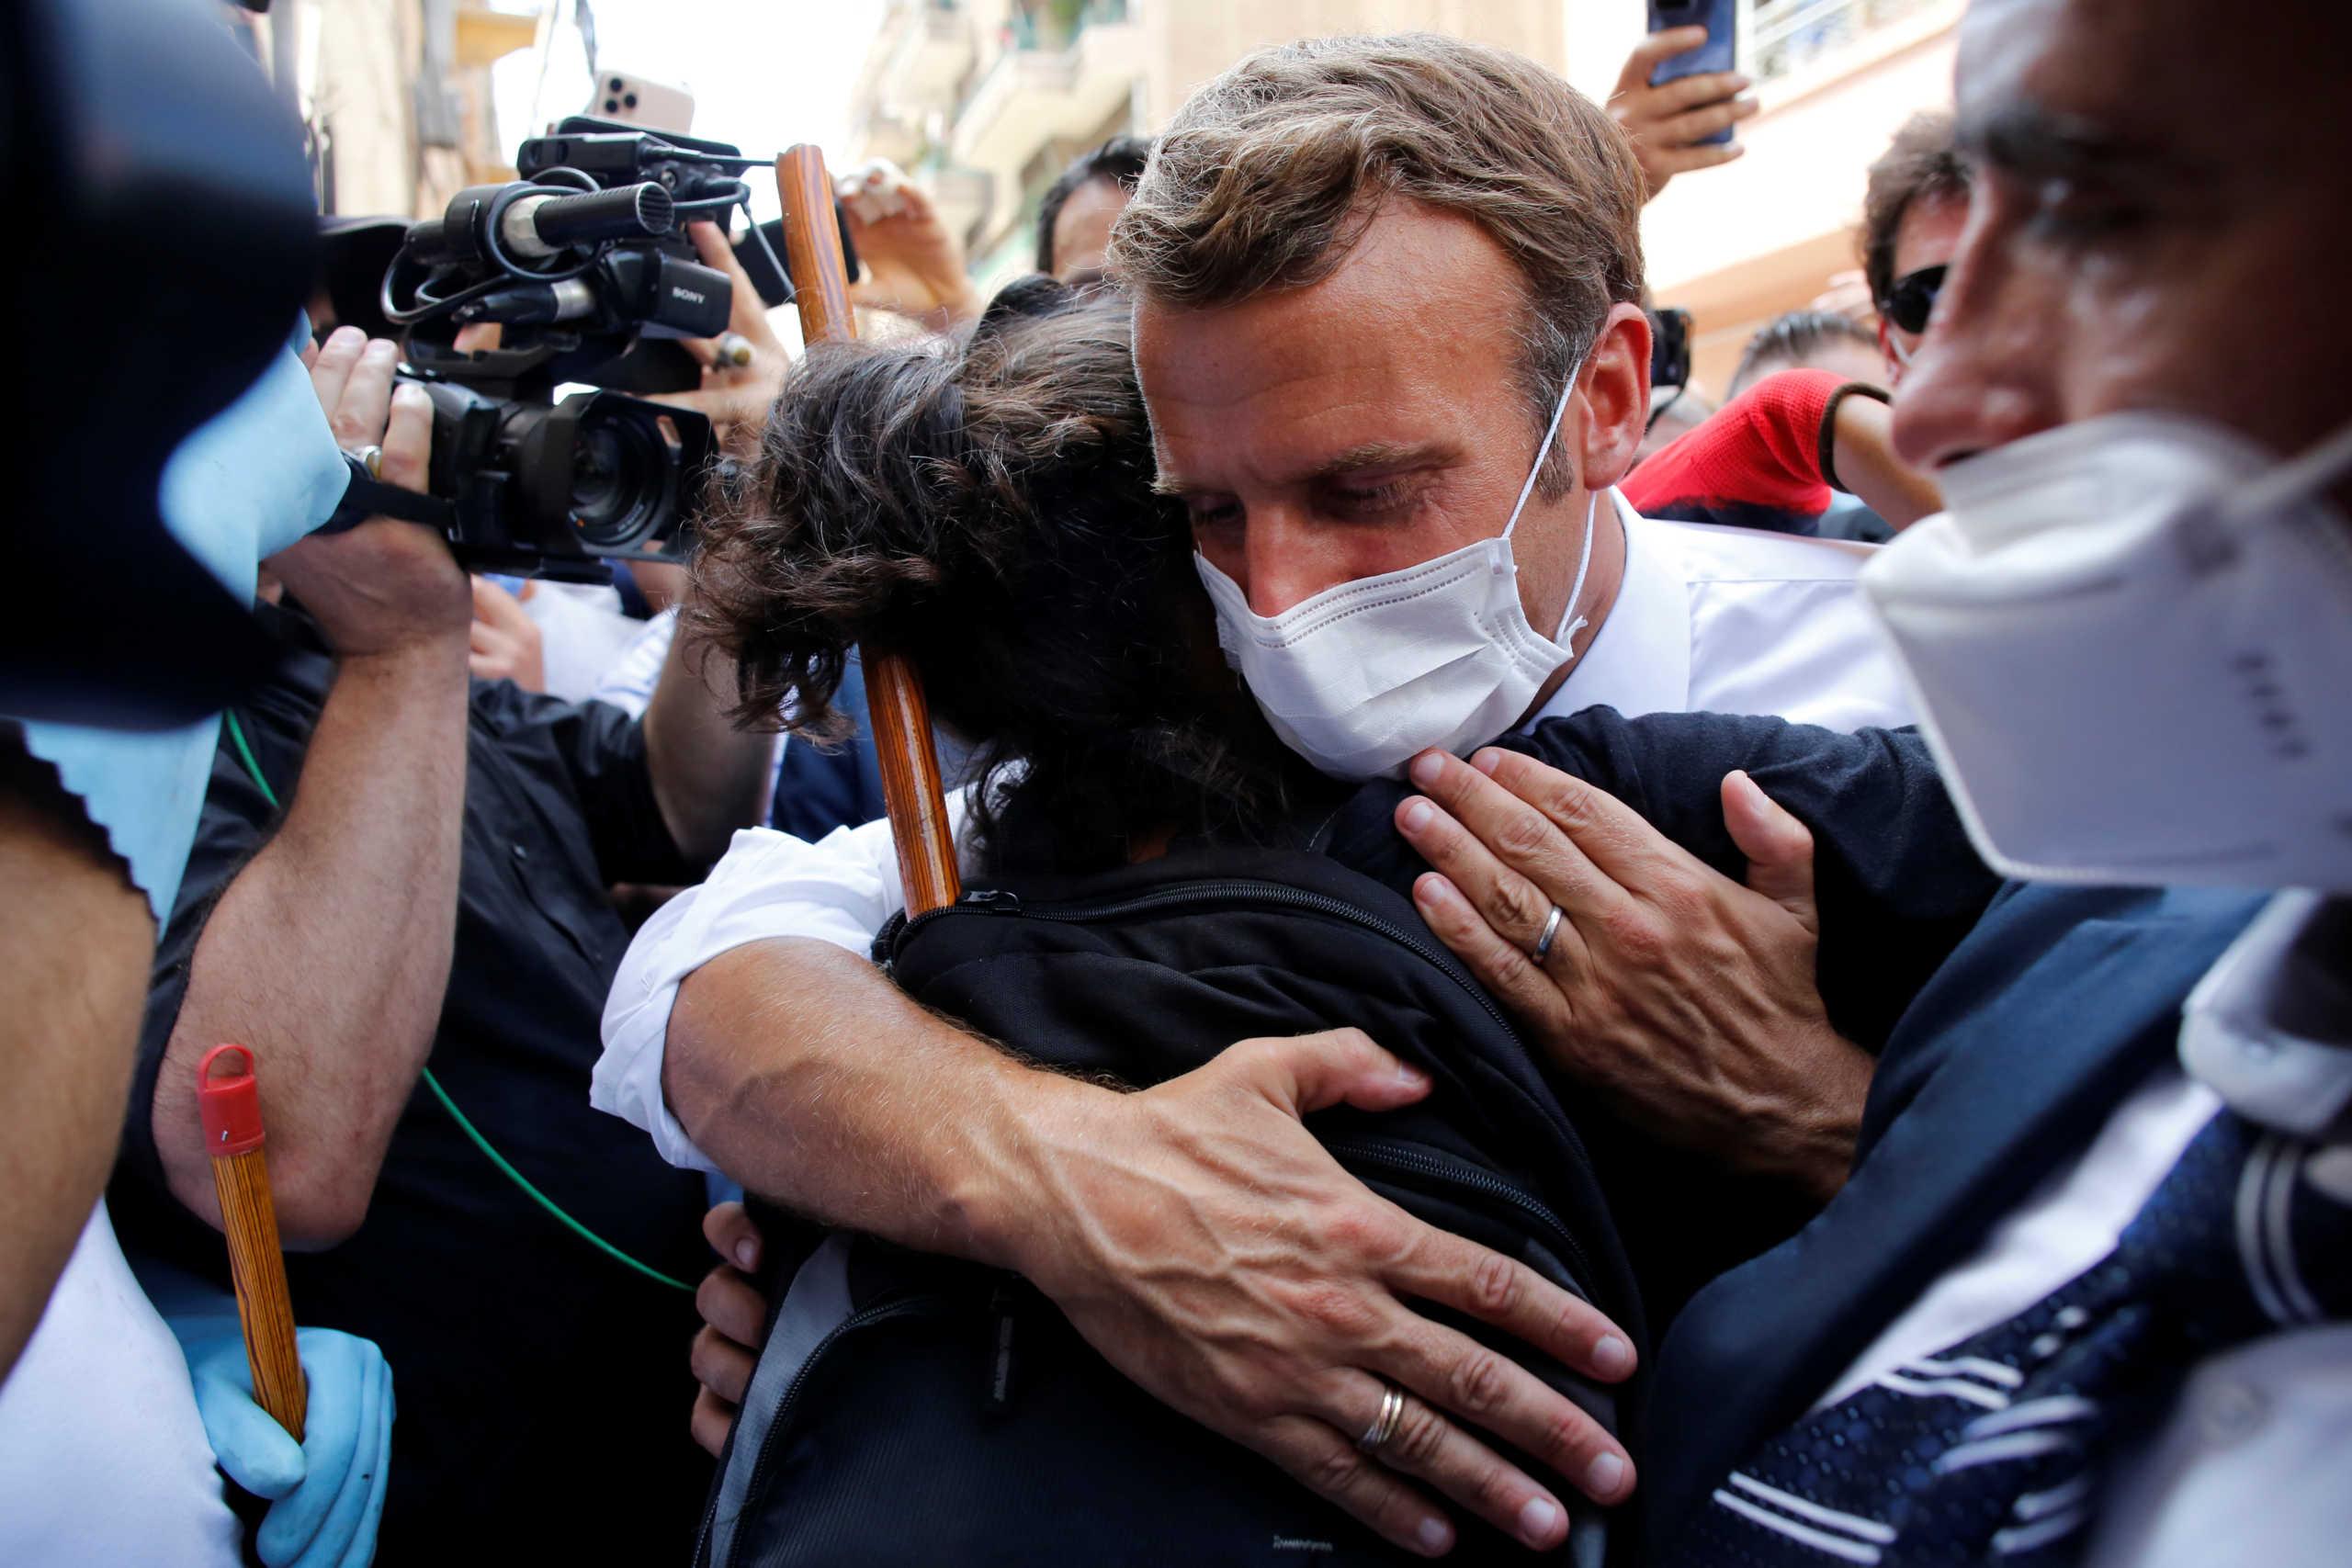 Μακρόν: Το μέλλον του Λιβάνου βρίσκεται σε κίνδυνο – Να χτίσουμε ξανά τη Βηρυτό